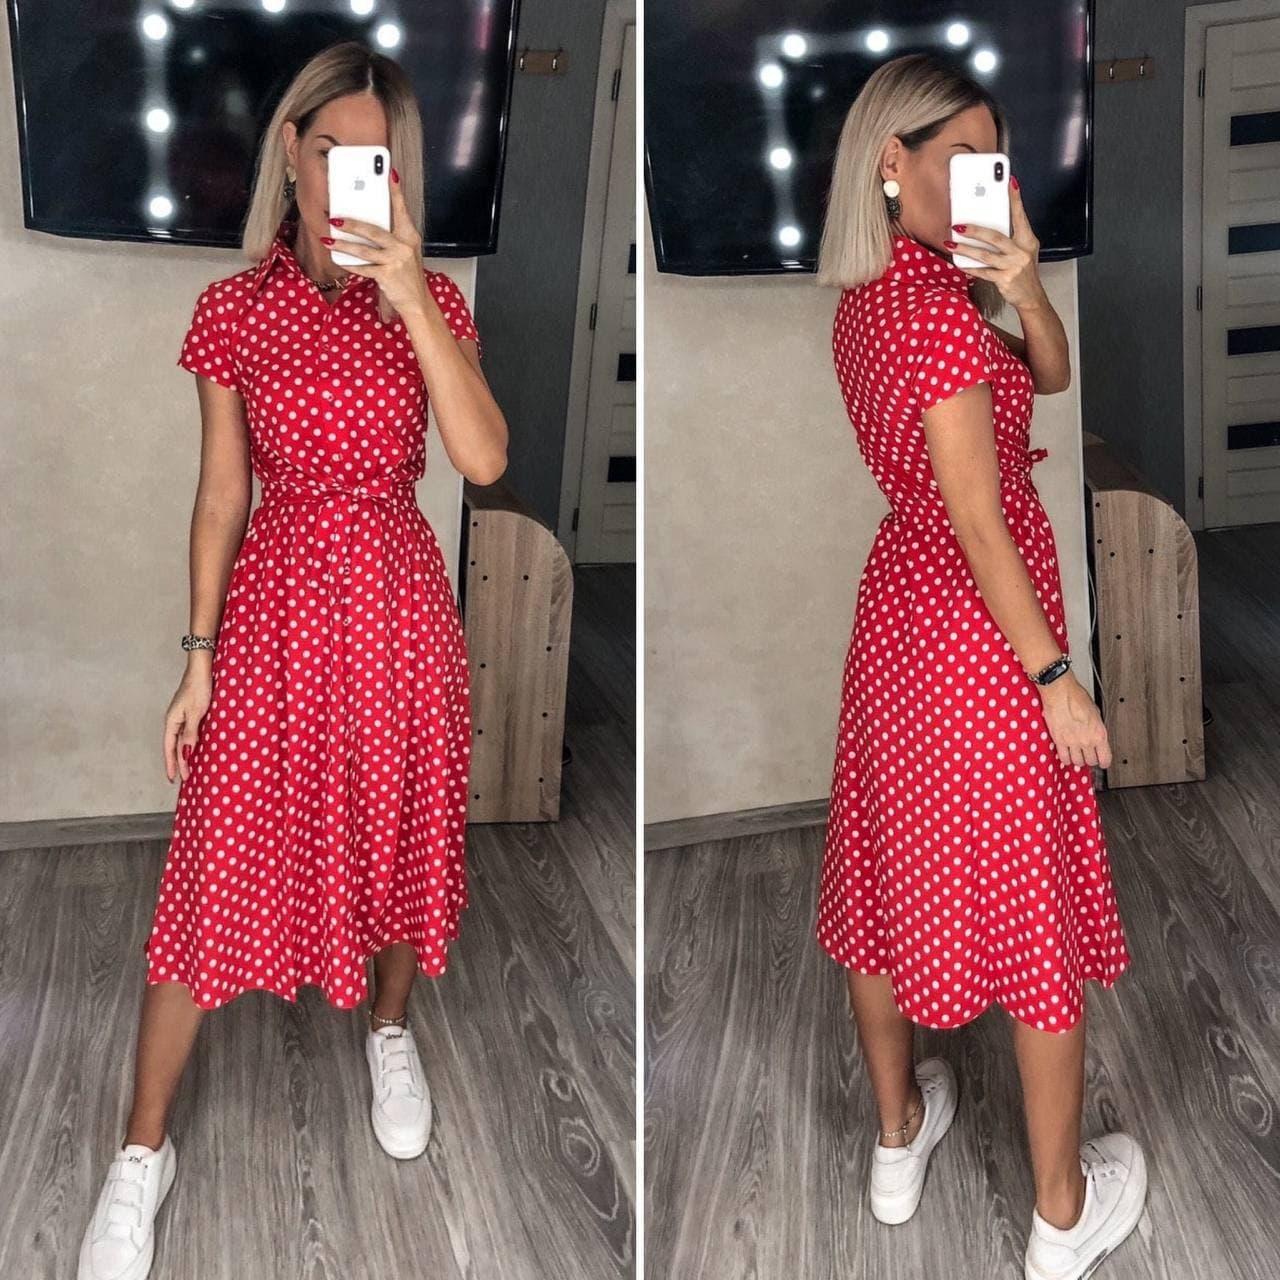 Стильное женское платье в красном цвете с поясом миди Red